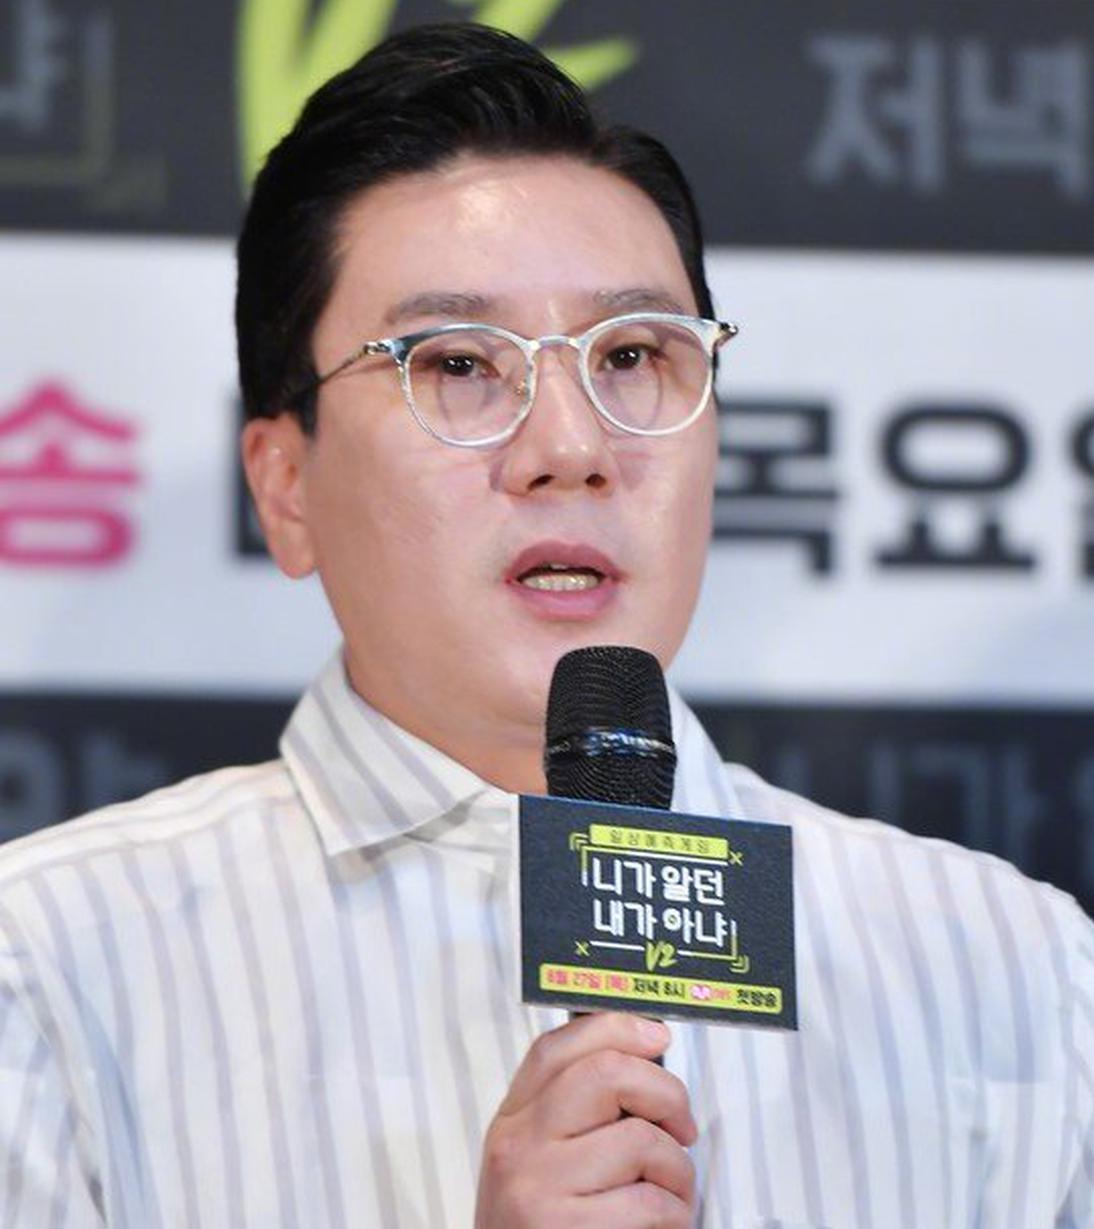 韩综艺明星李尚敏发声明澄清诈骗嫌疑:不是事实